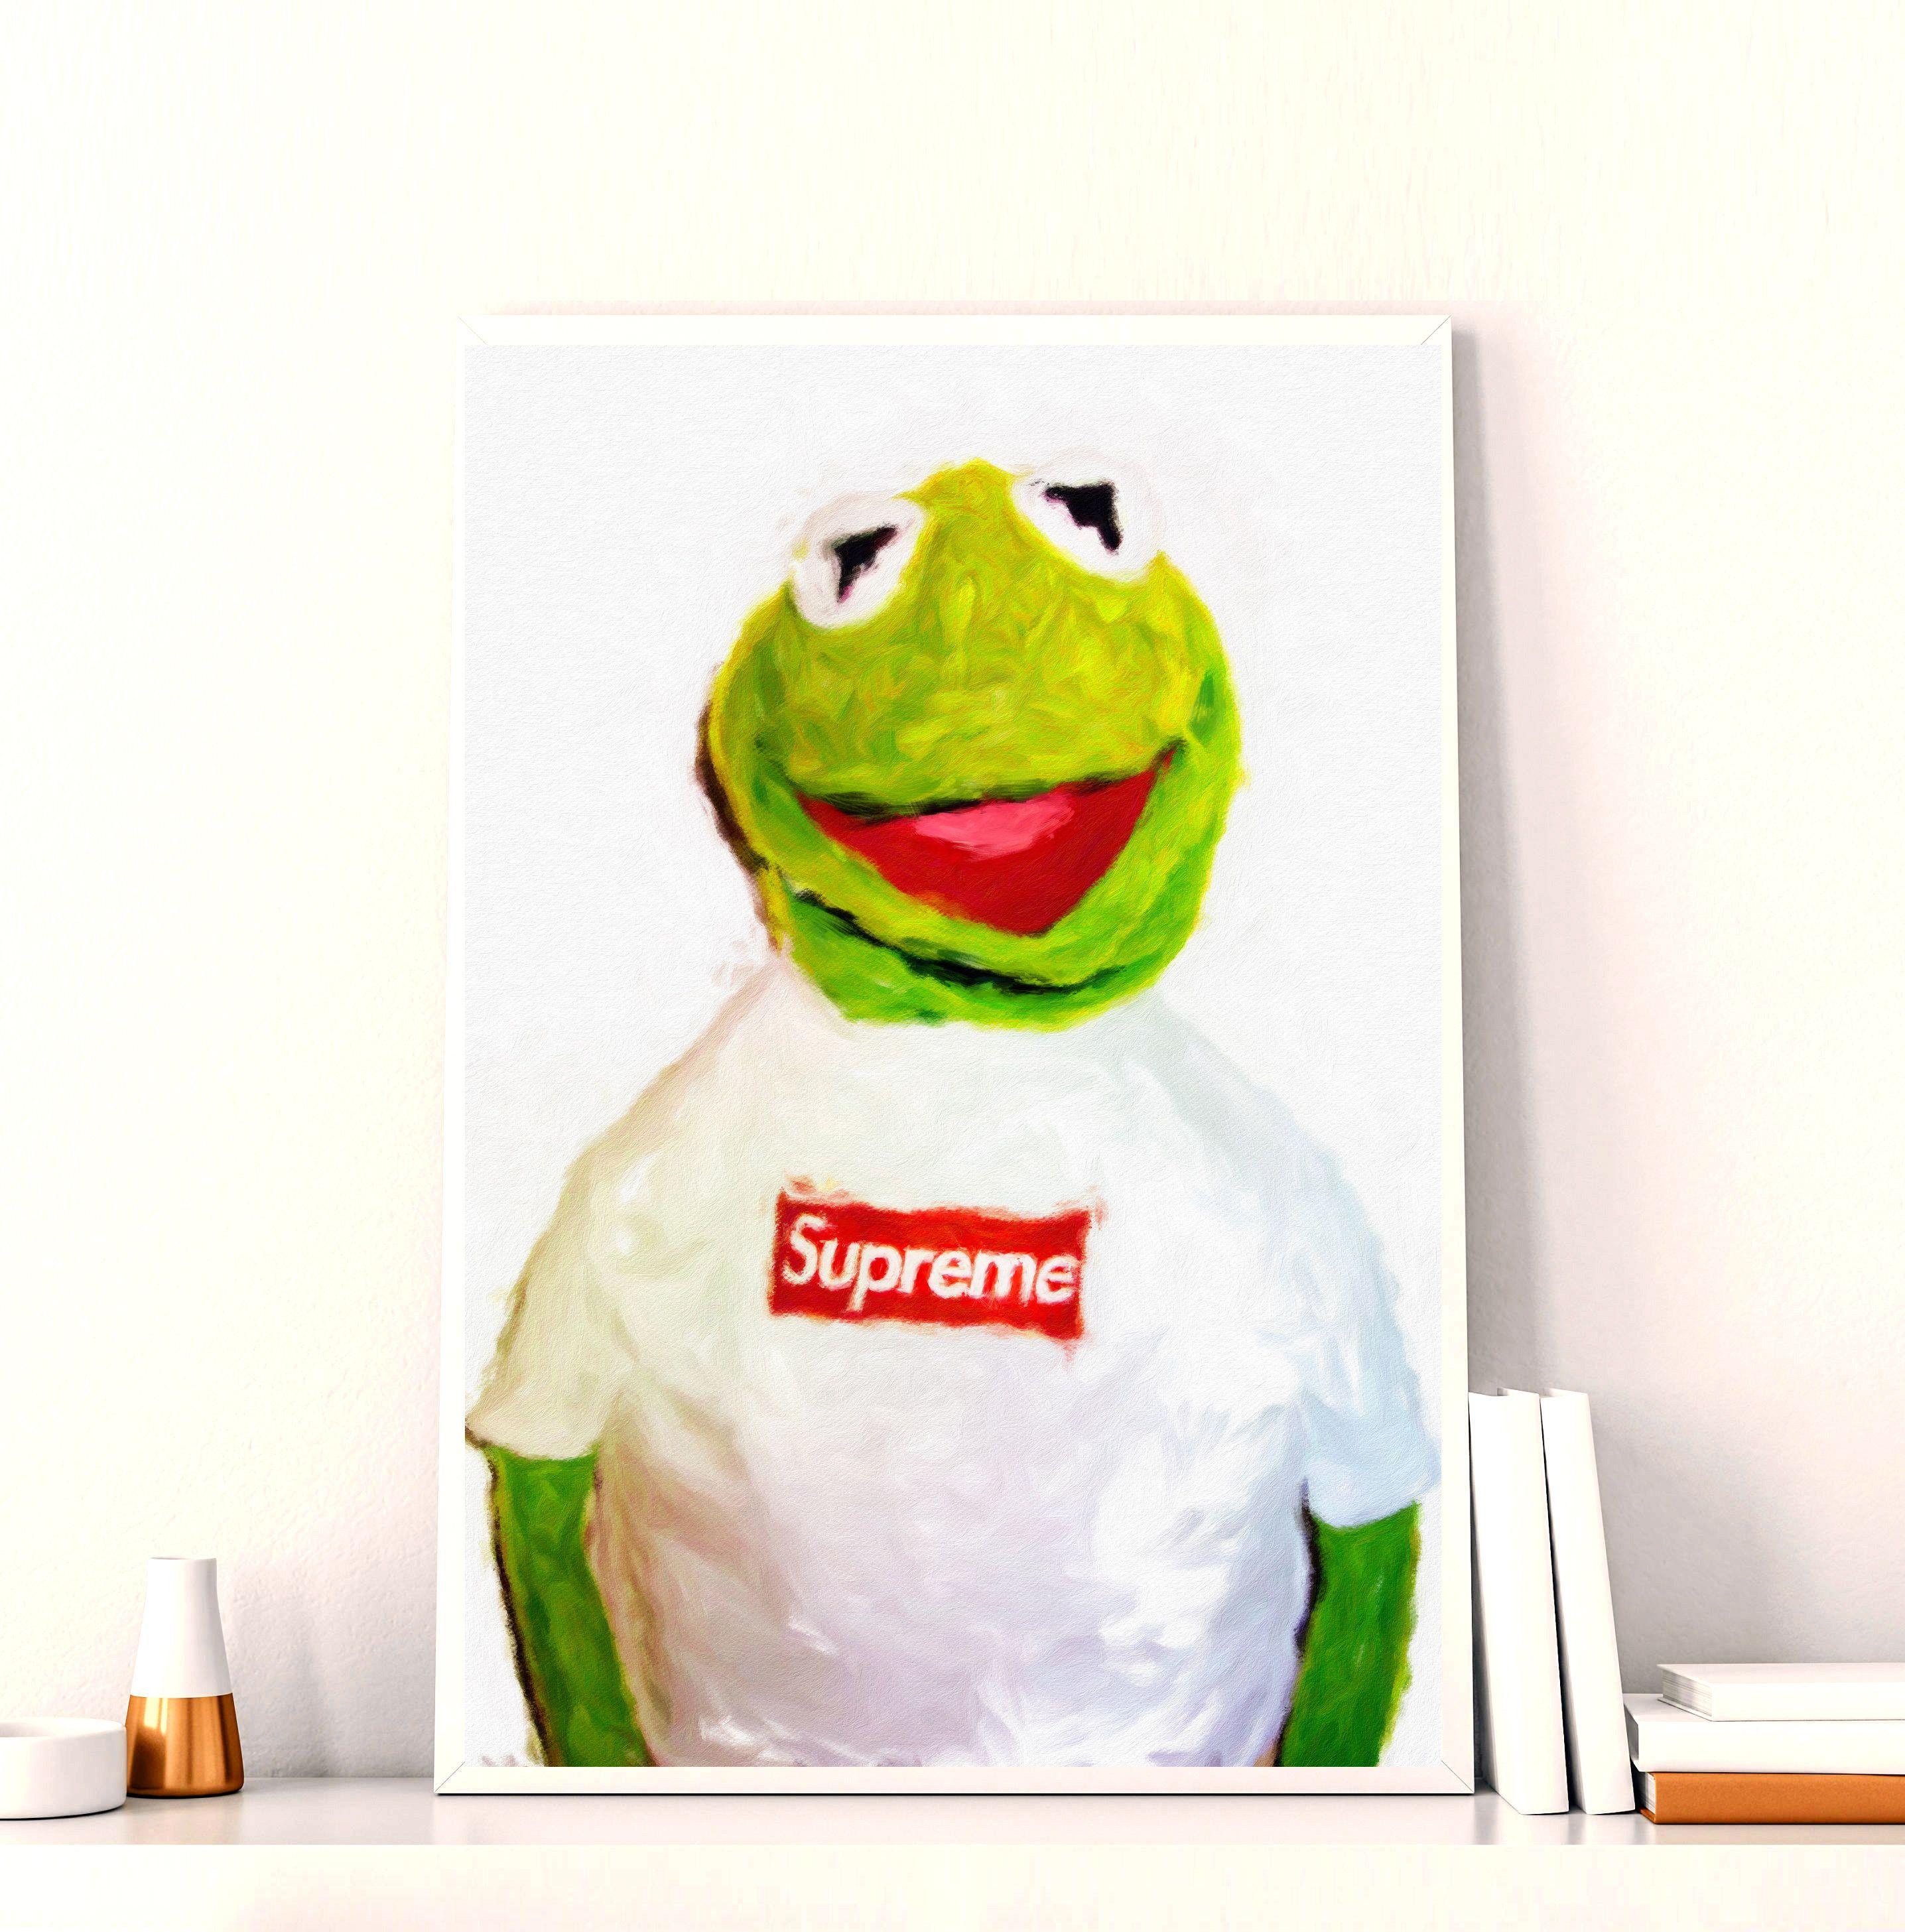 Supreme Kermit Wallpapers On Wallpaperdog